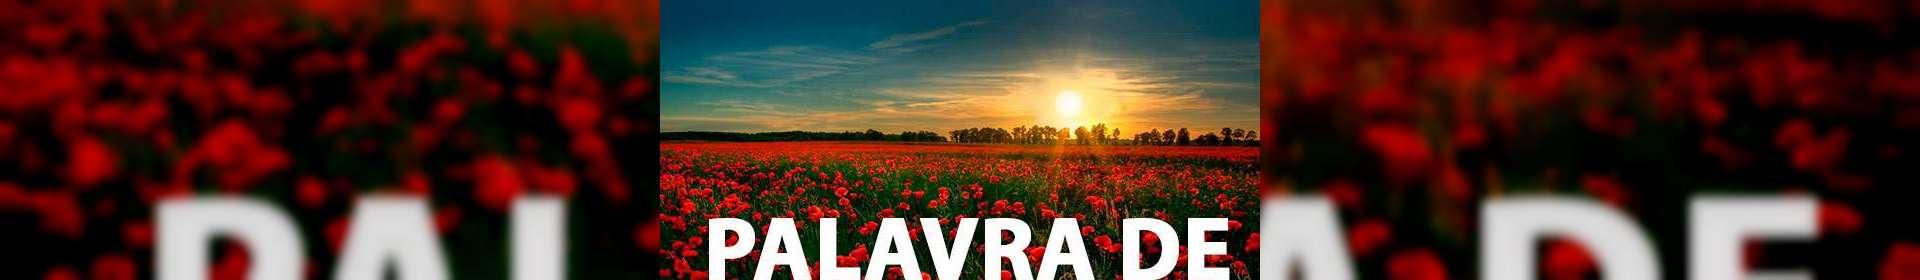 Salmos 93:3 - Uma Palavra de Esperança para sua vida